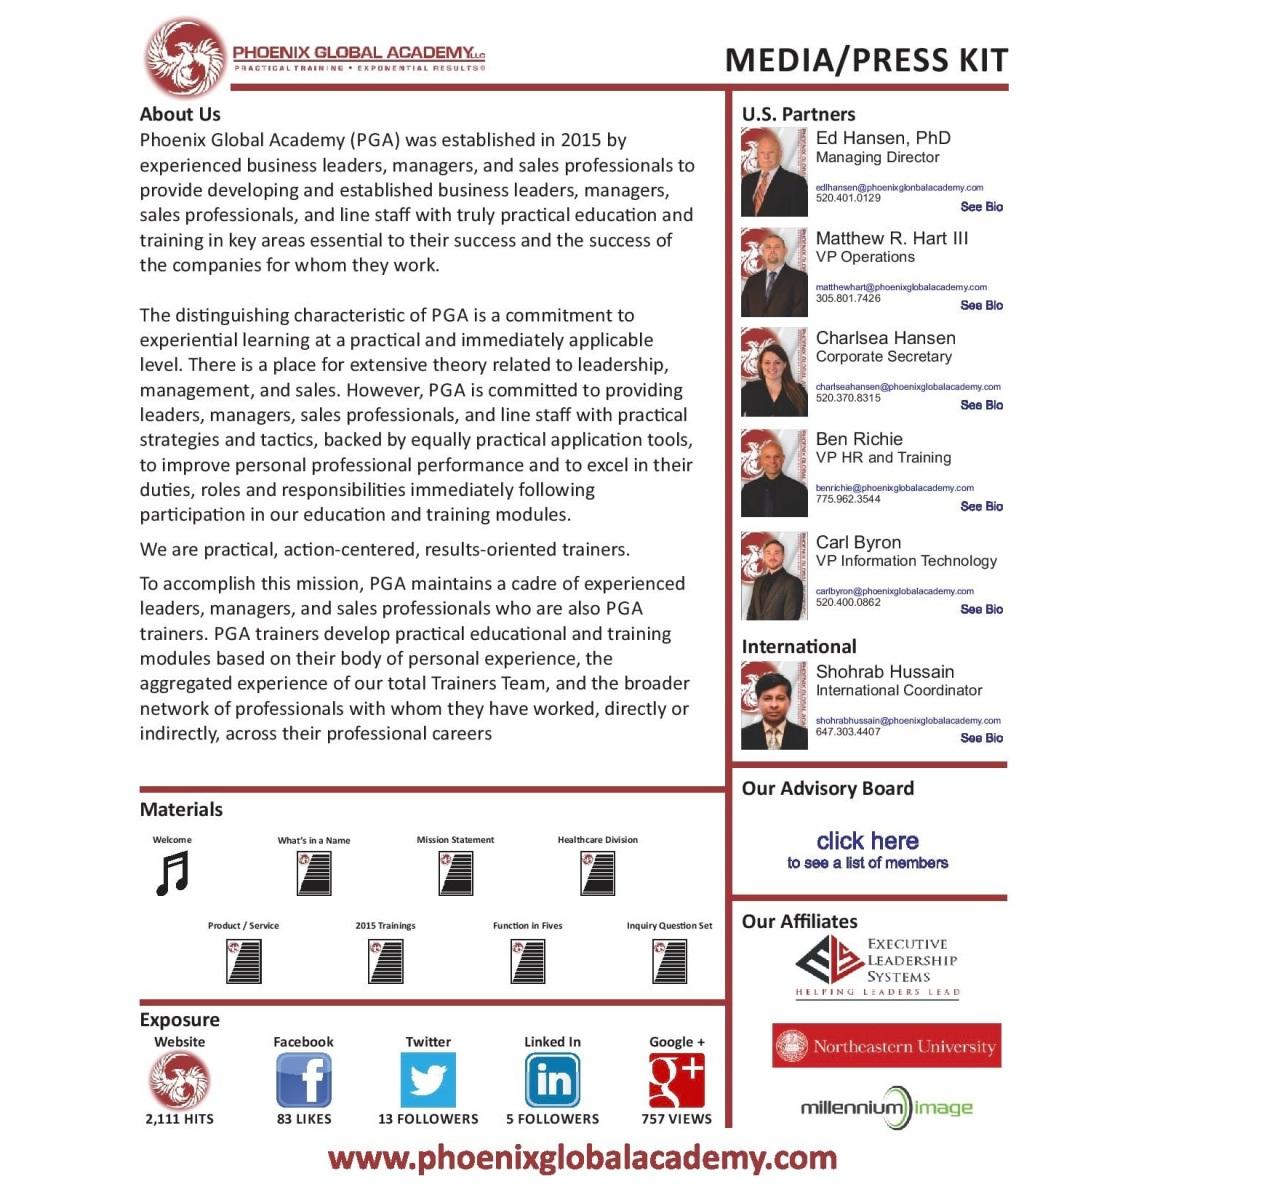 Media-Press-Kit-pga